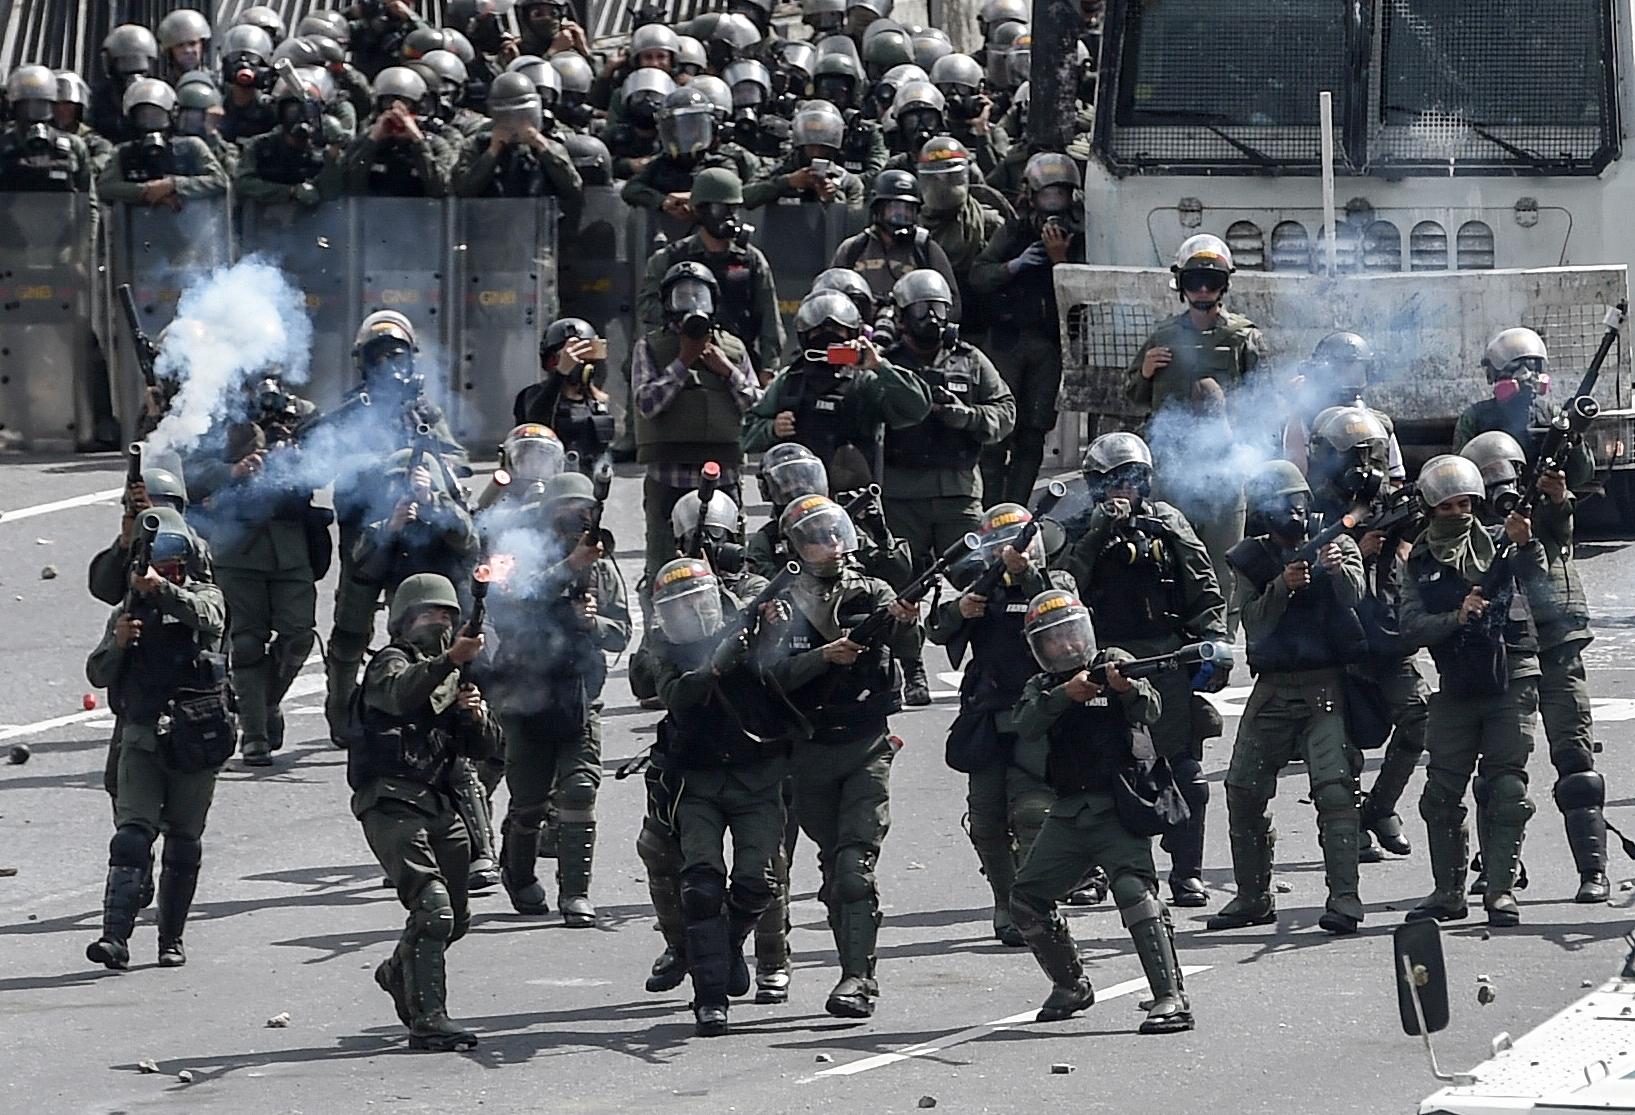 ANC es para garantizar la paz y la justicia — Tareck El Aissami